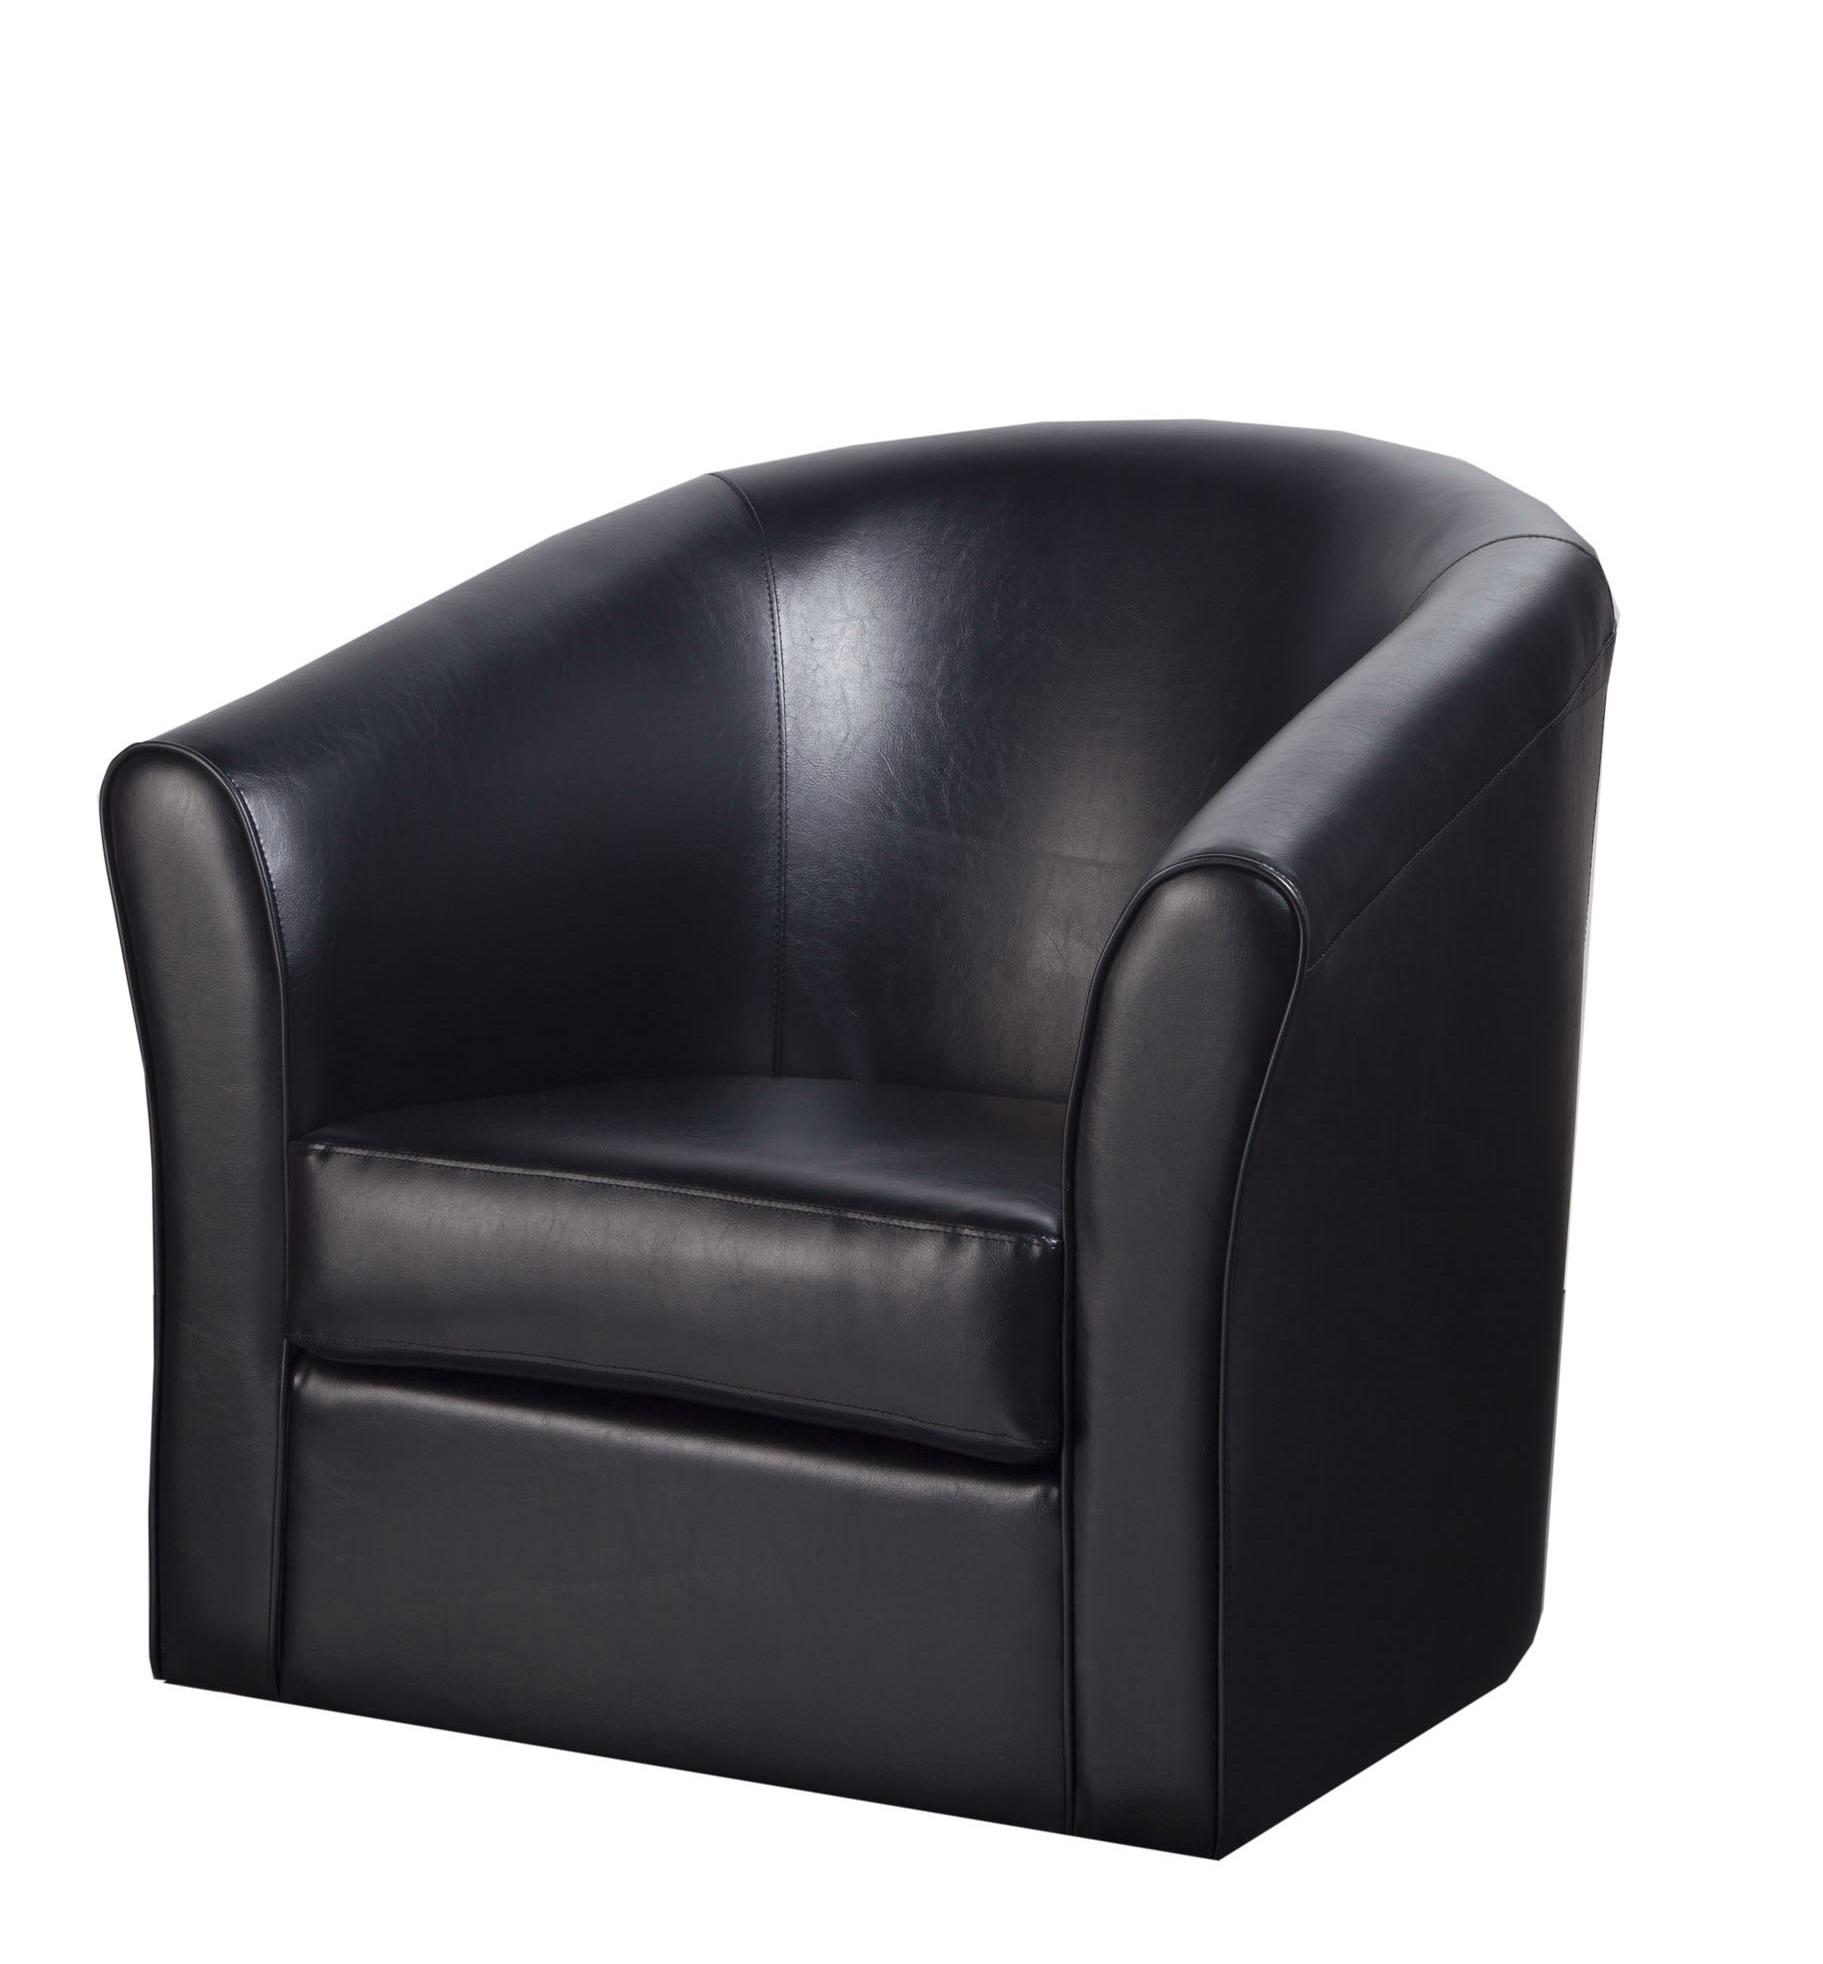 tub accent chair eddie bauer high cover madison park savannah swivel one